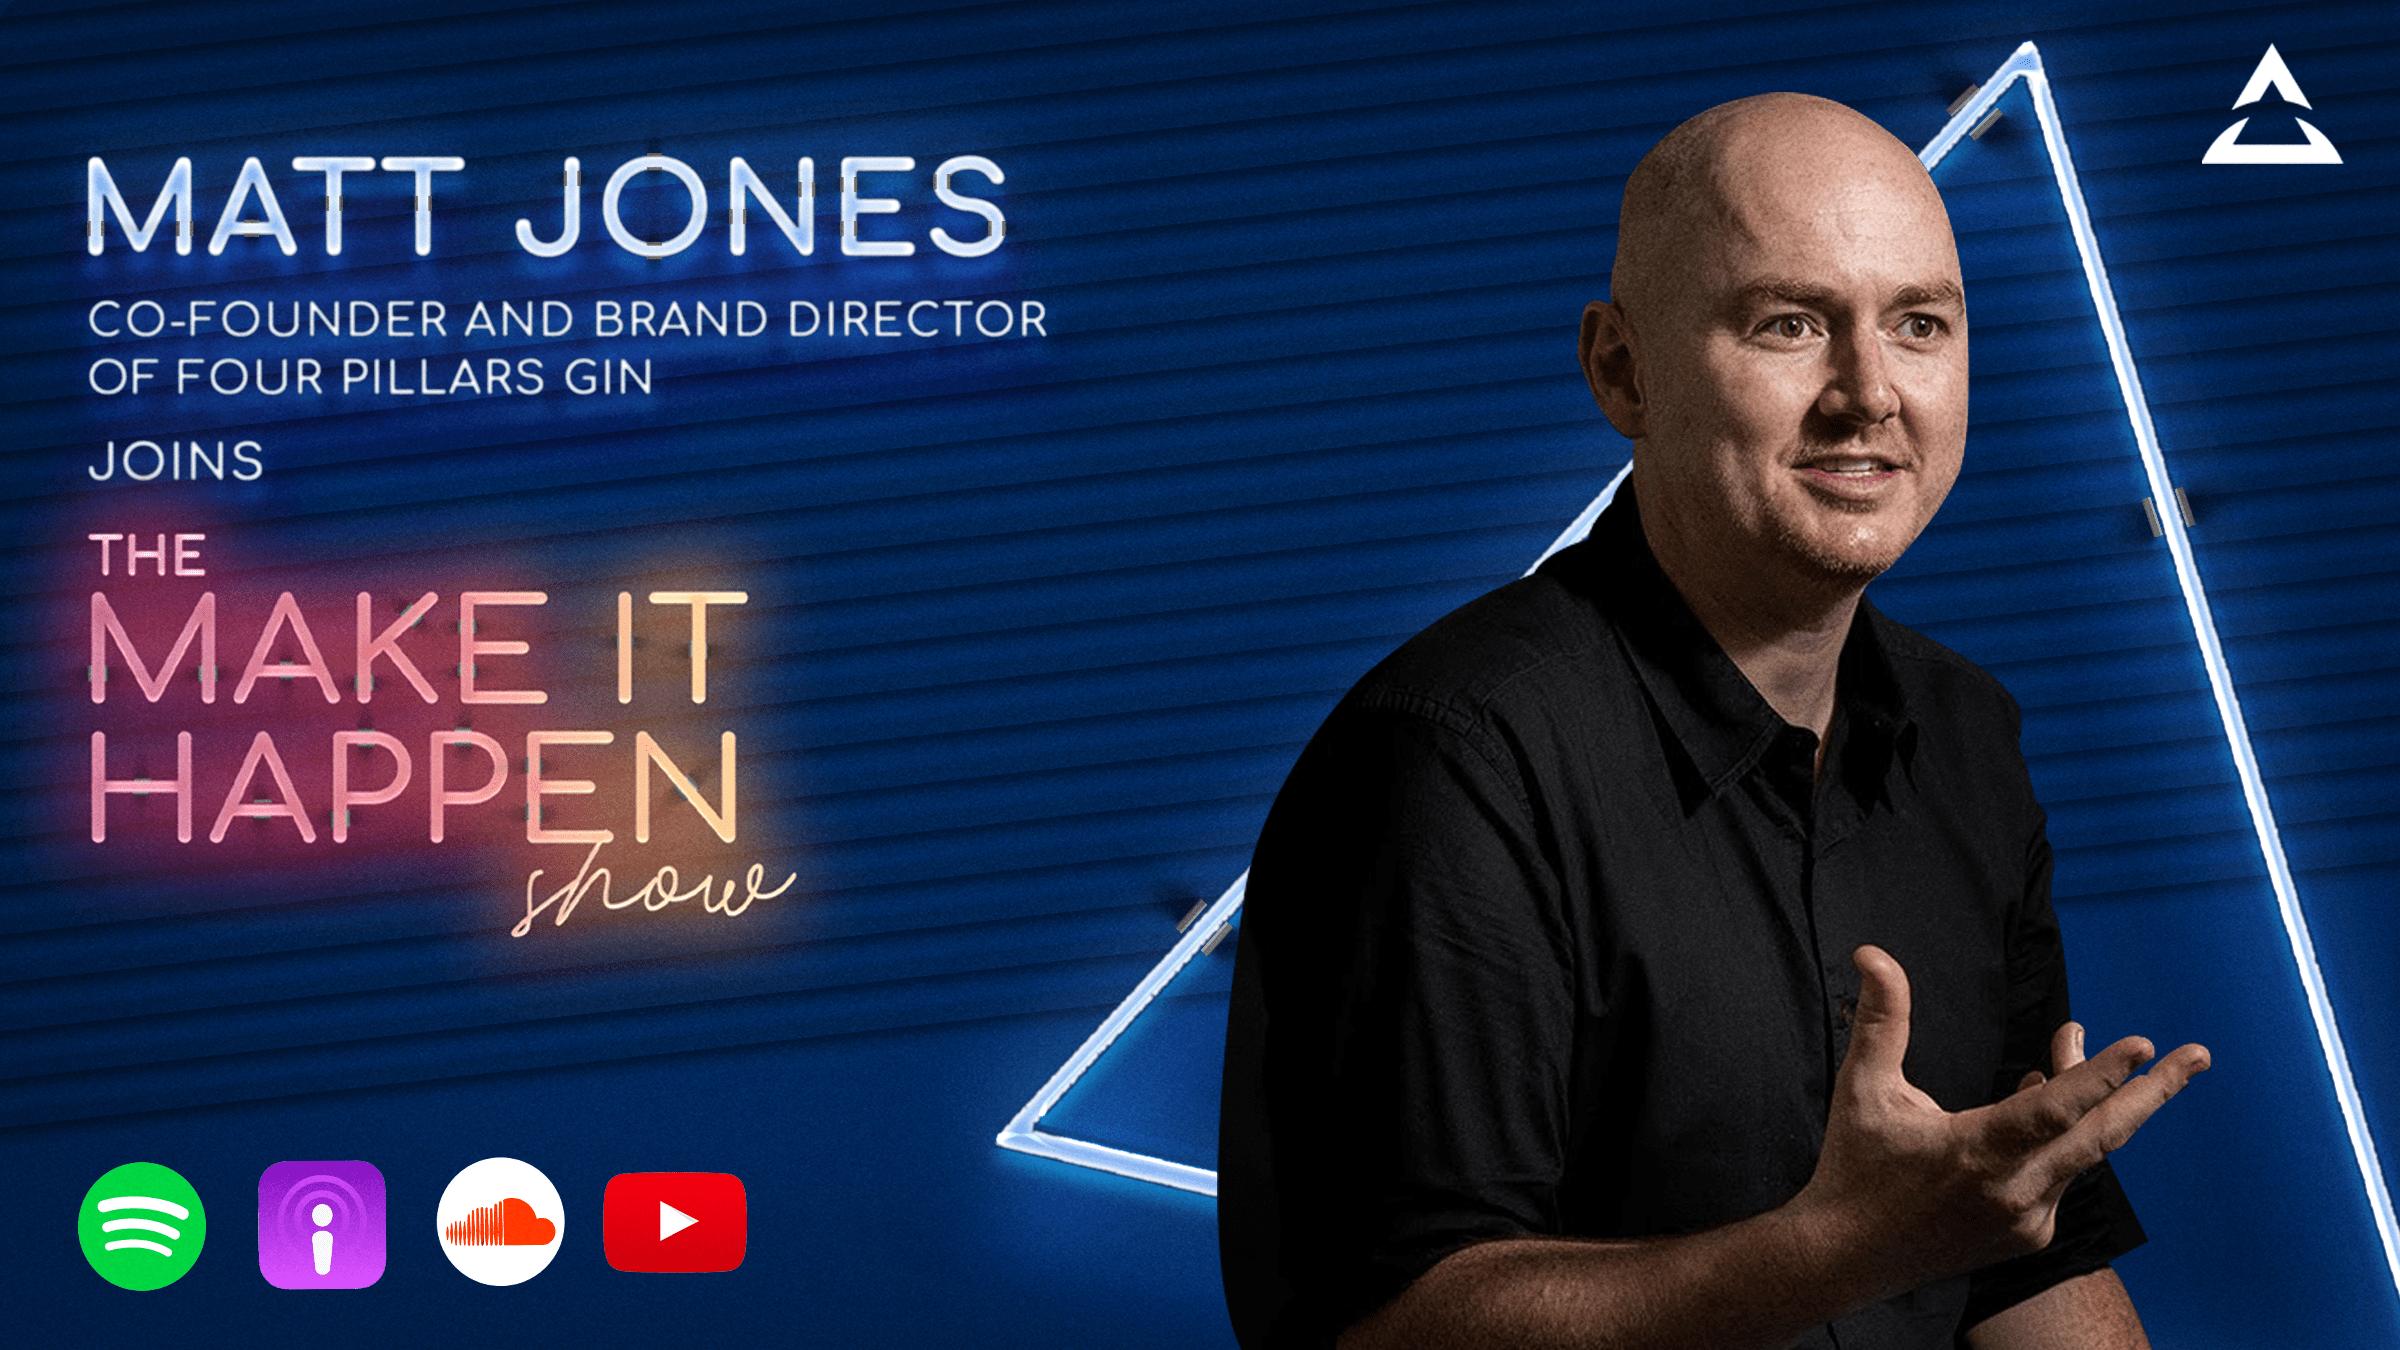 Matt Jones joins The Make It Happen Show